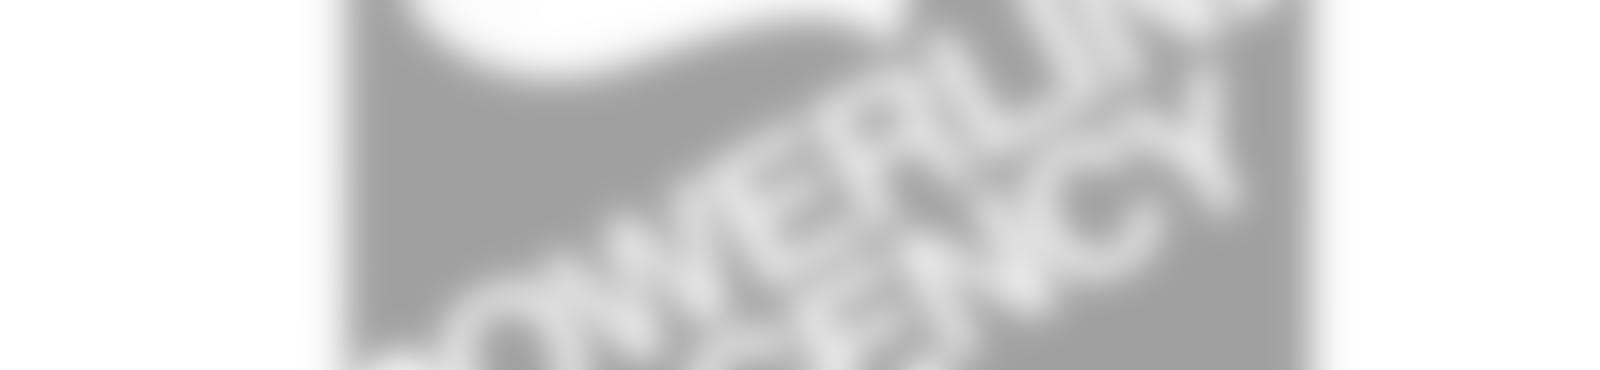 Blurred df5a86d1 7ba7 475c b0f4 76f24dc1161a